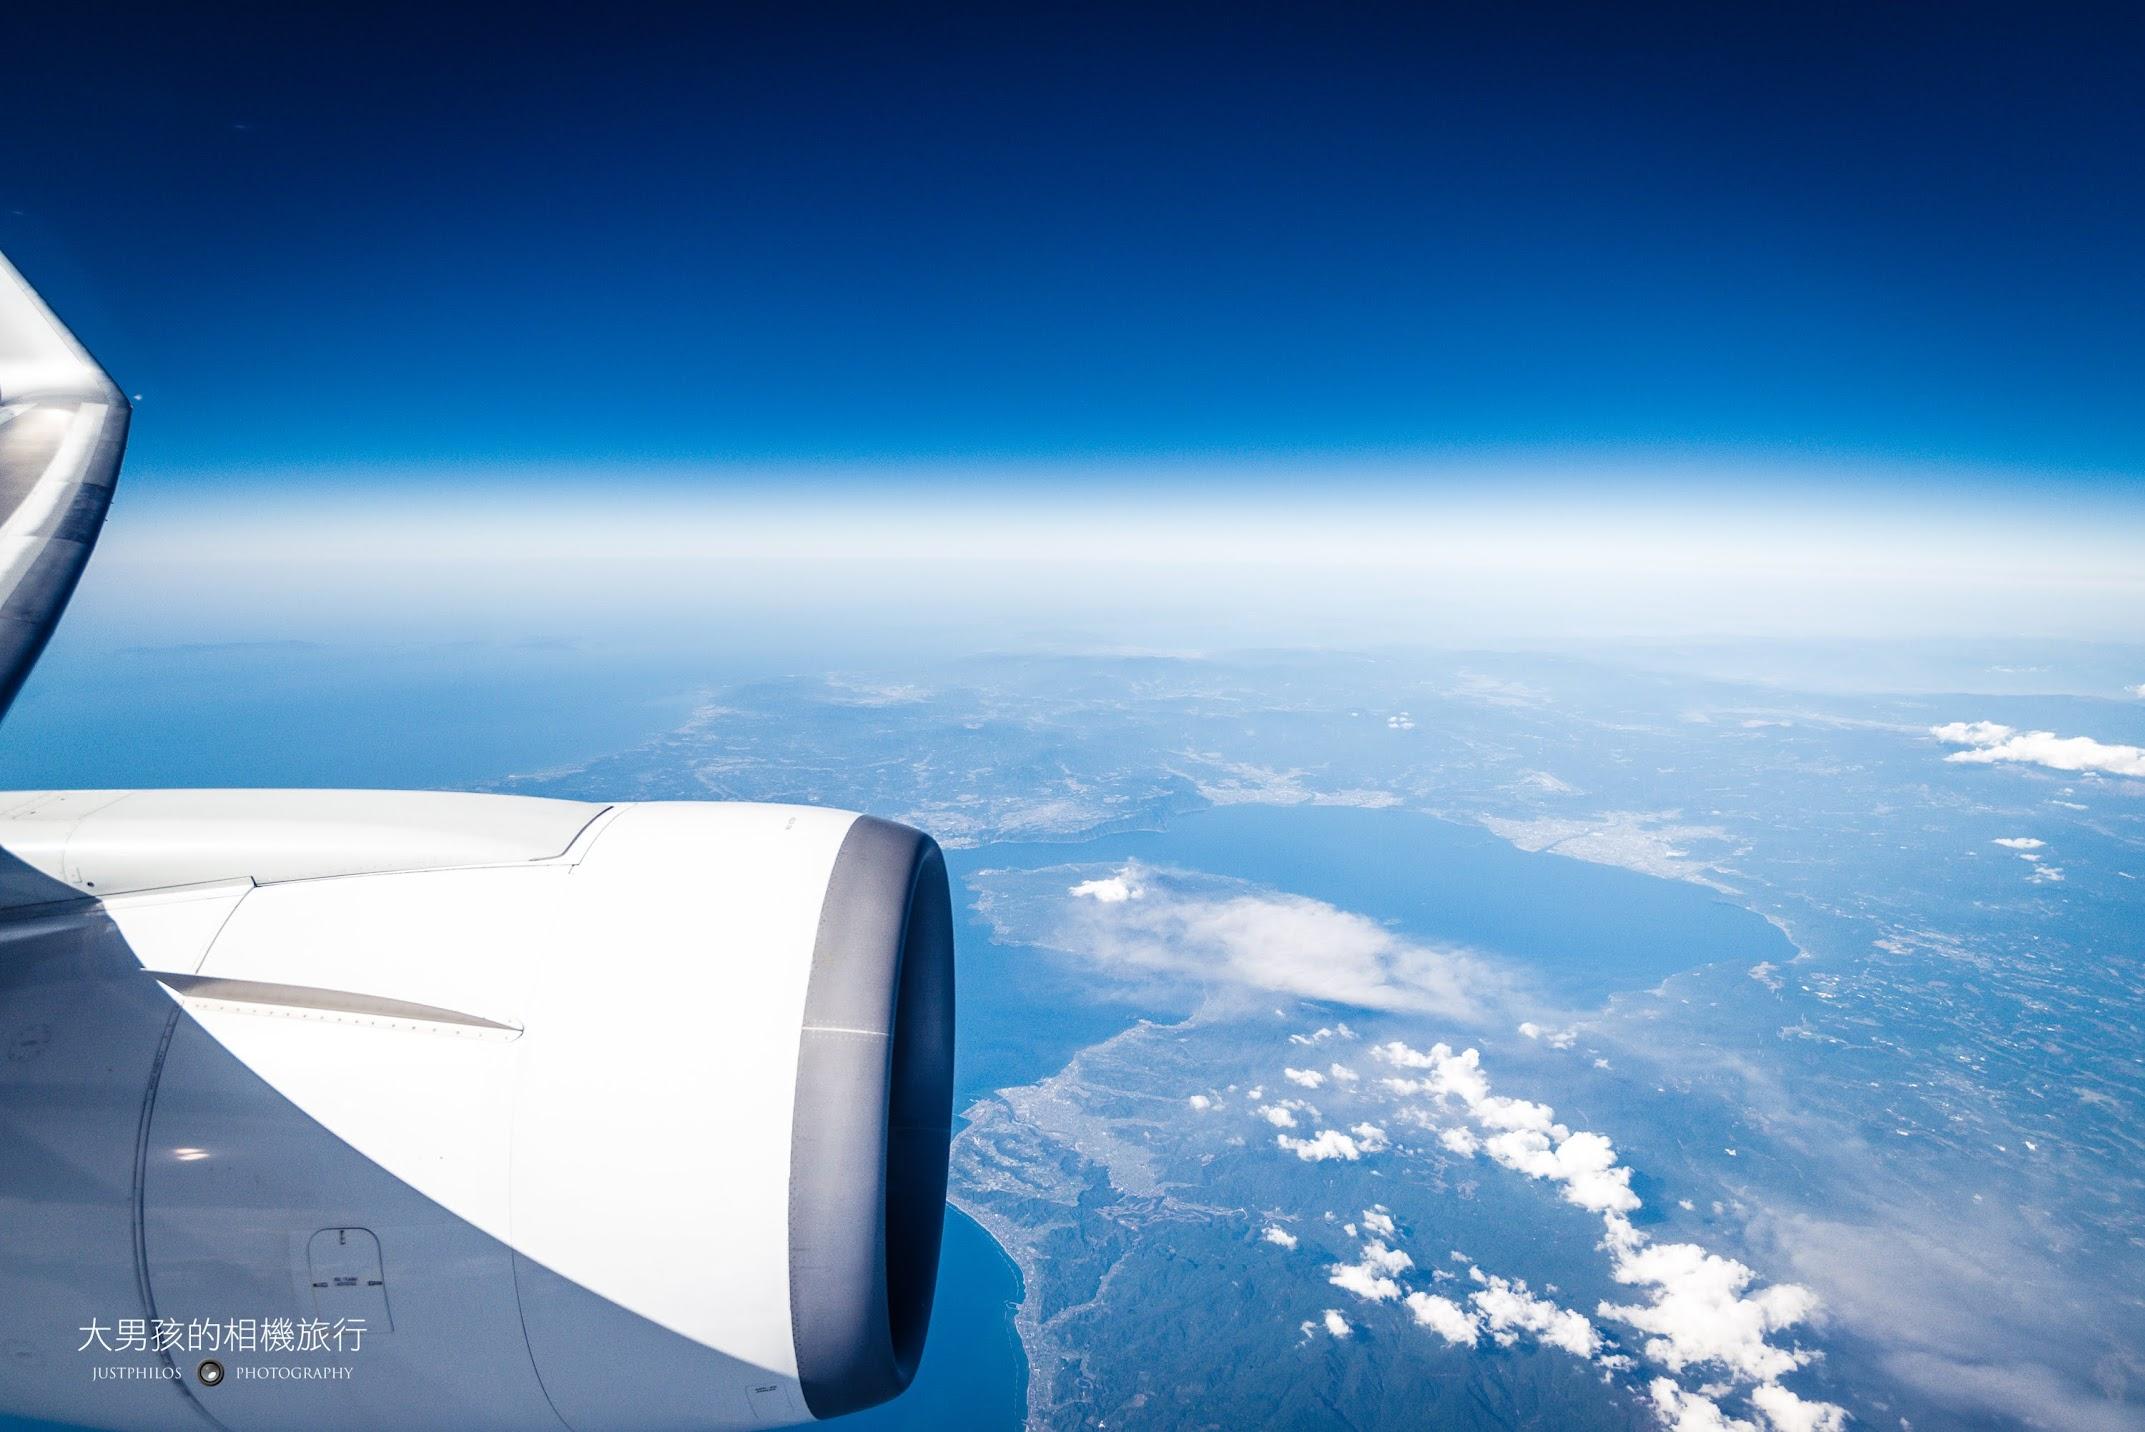 飛行當天的天氣十分的好,能見度非常的高。